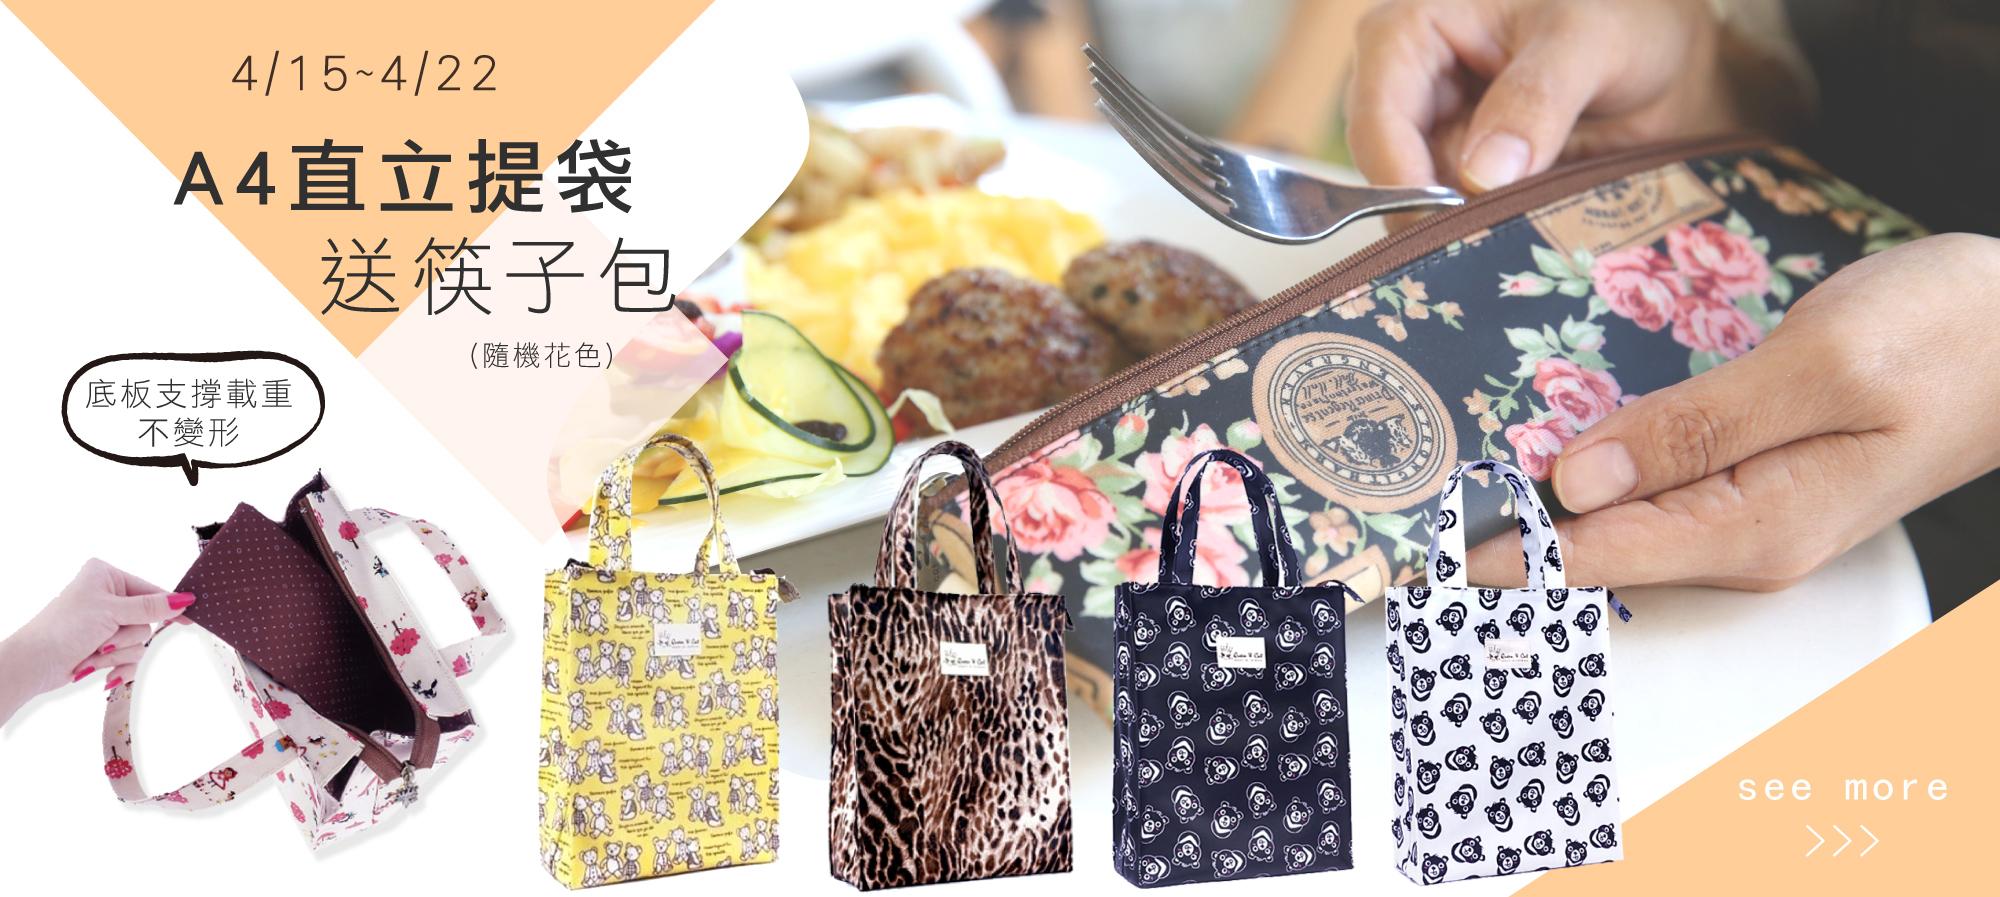 4/15-4/22 期間購買人氣【A4直立提袋】送筷子包(隨機色)!